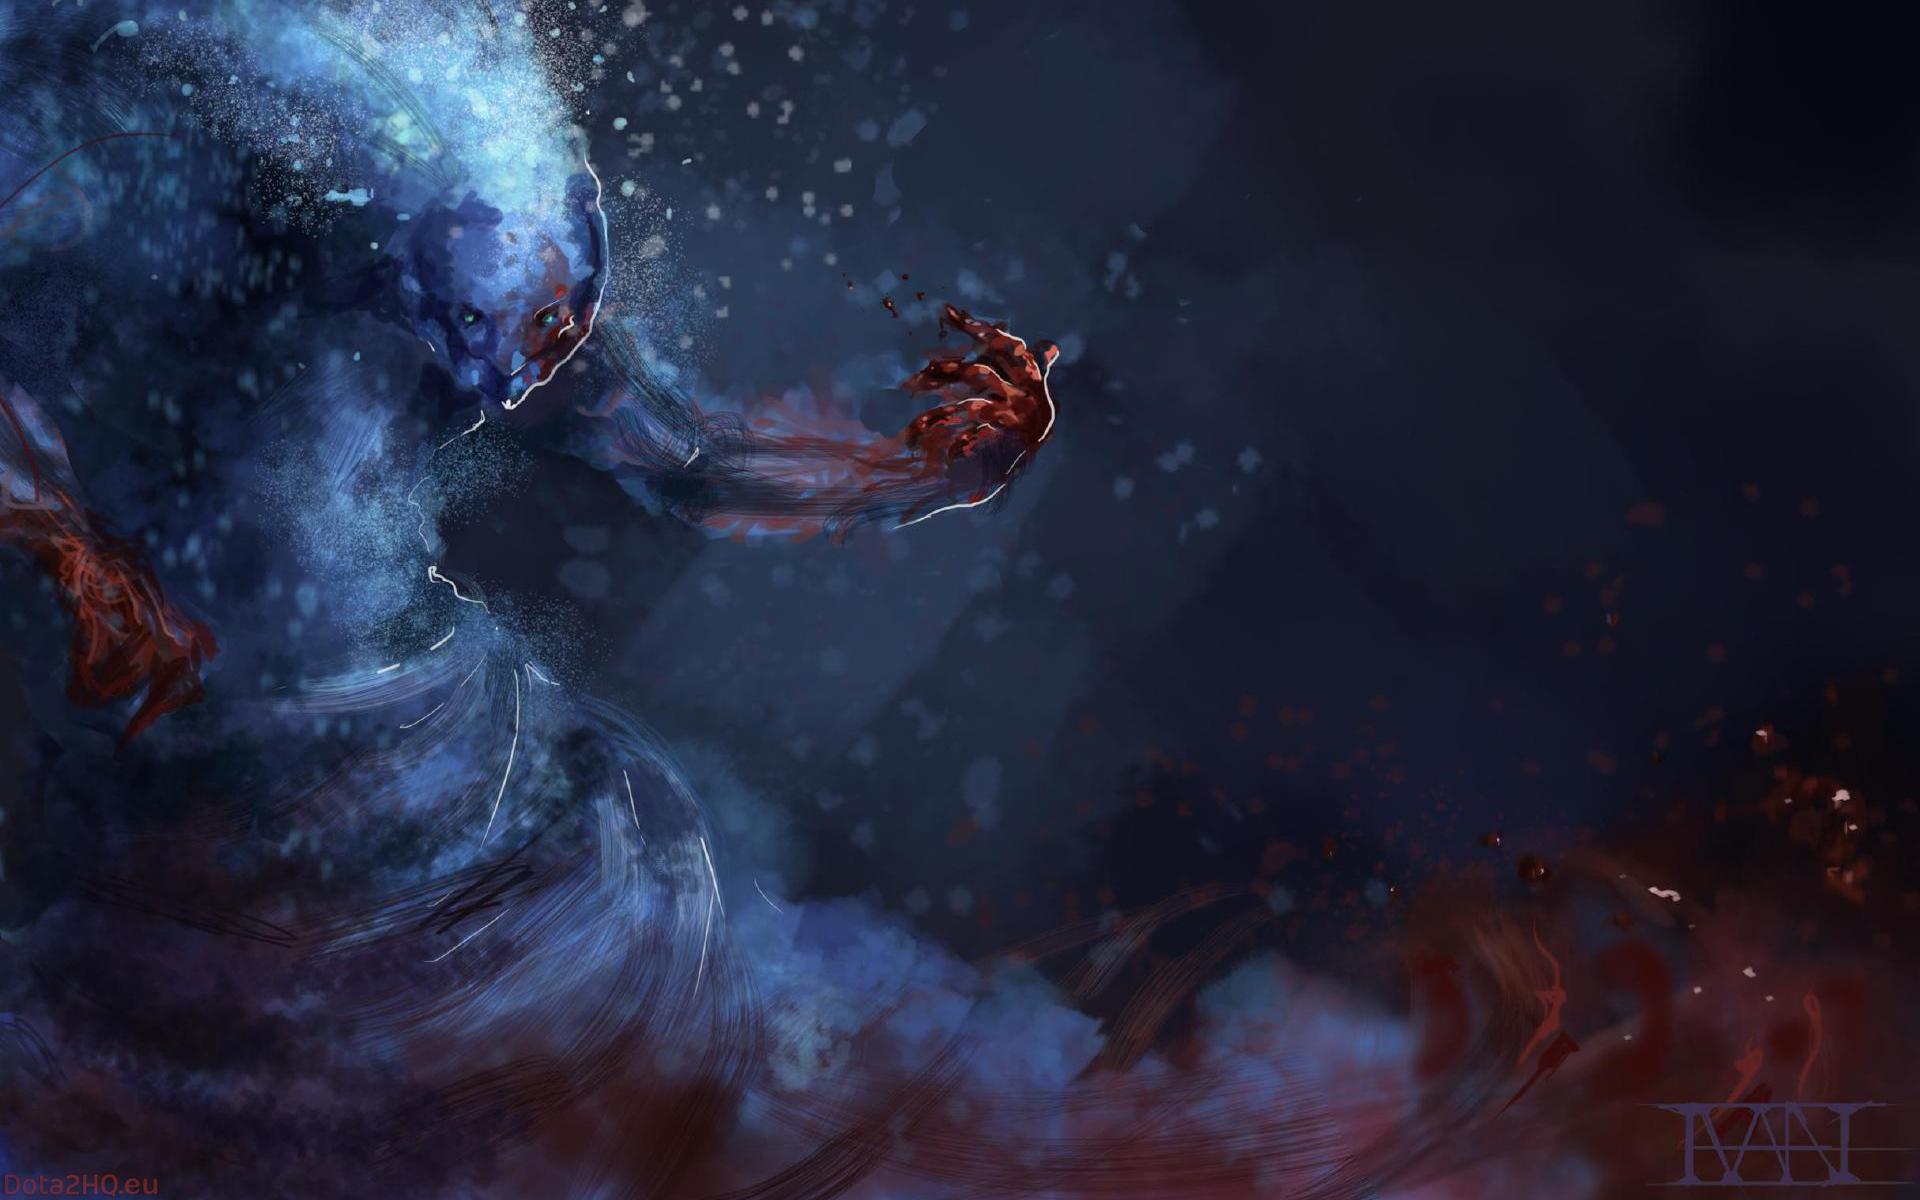 Wallpaper : nebula, Dota 2, universe, ART, darkness